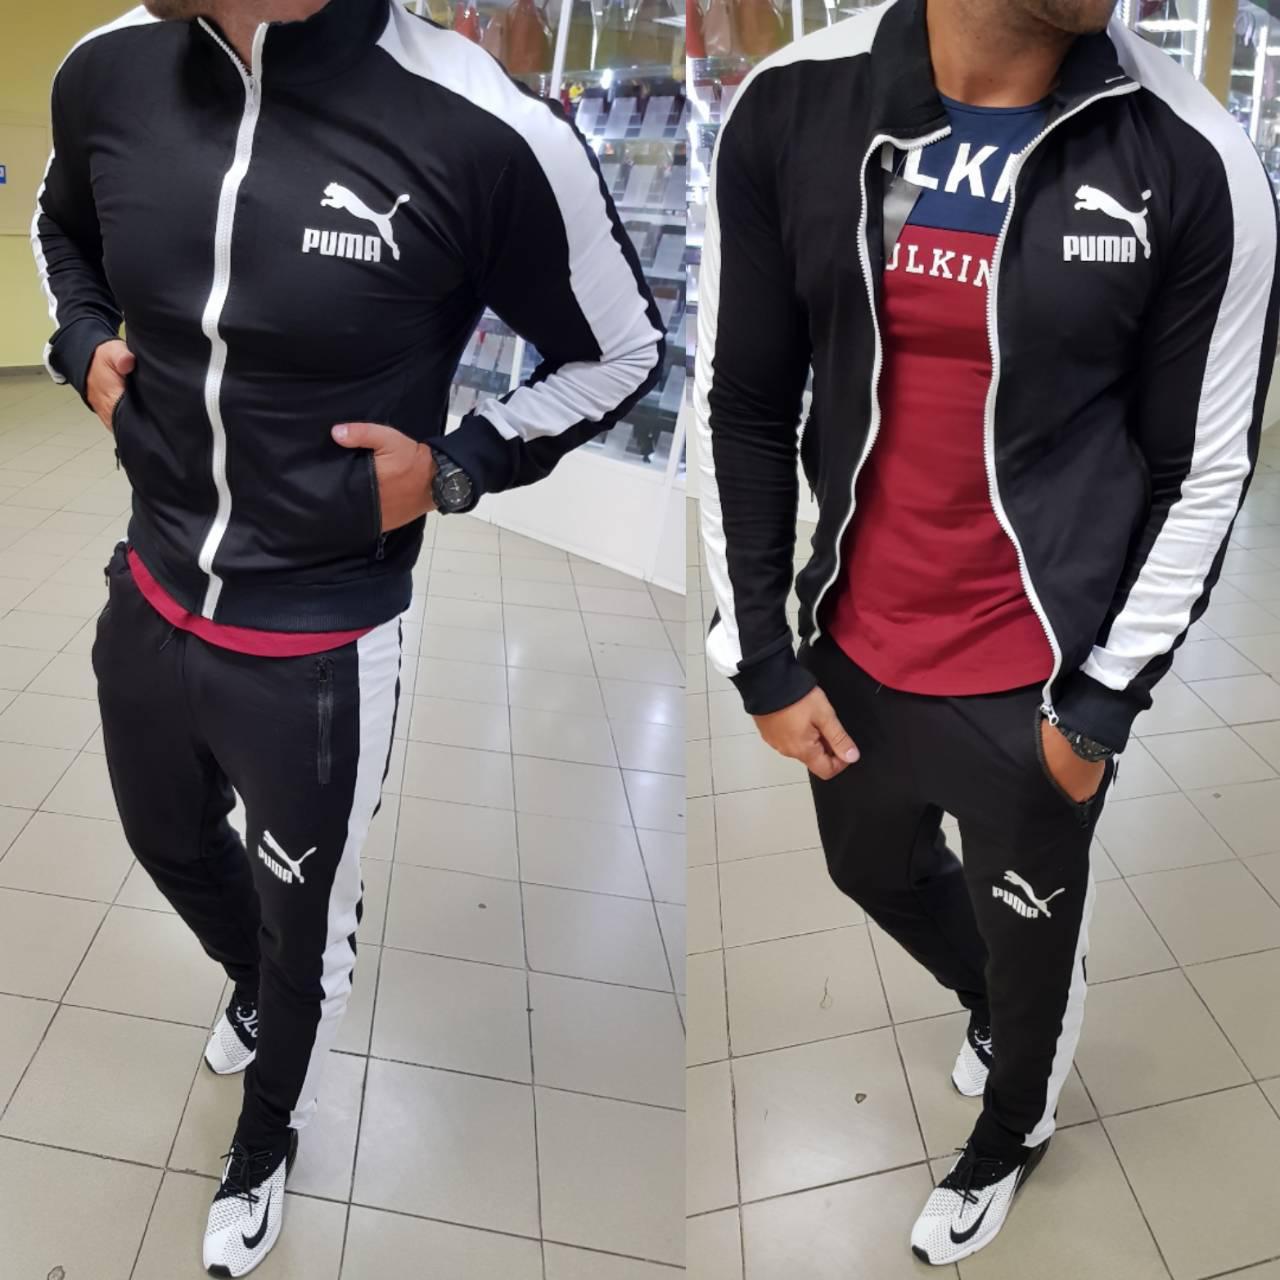 b220de9482a1 Мужской спортивный костюм Puma - Интернет-магазин спортивной одежды